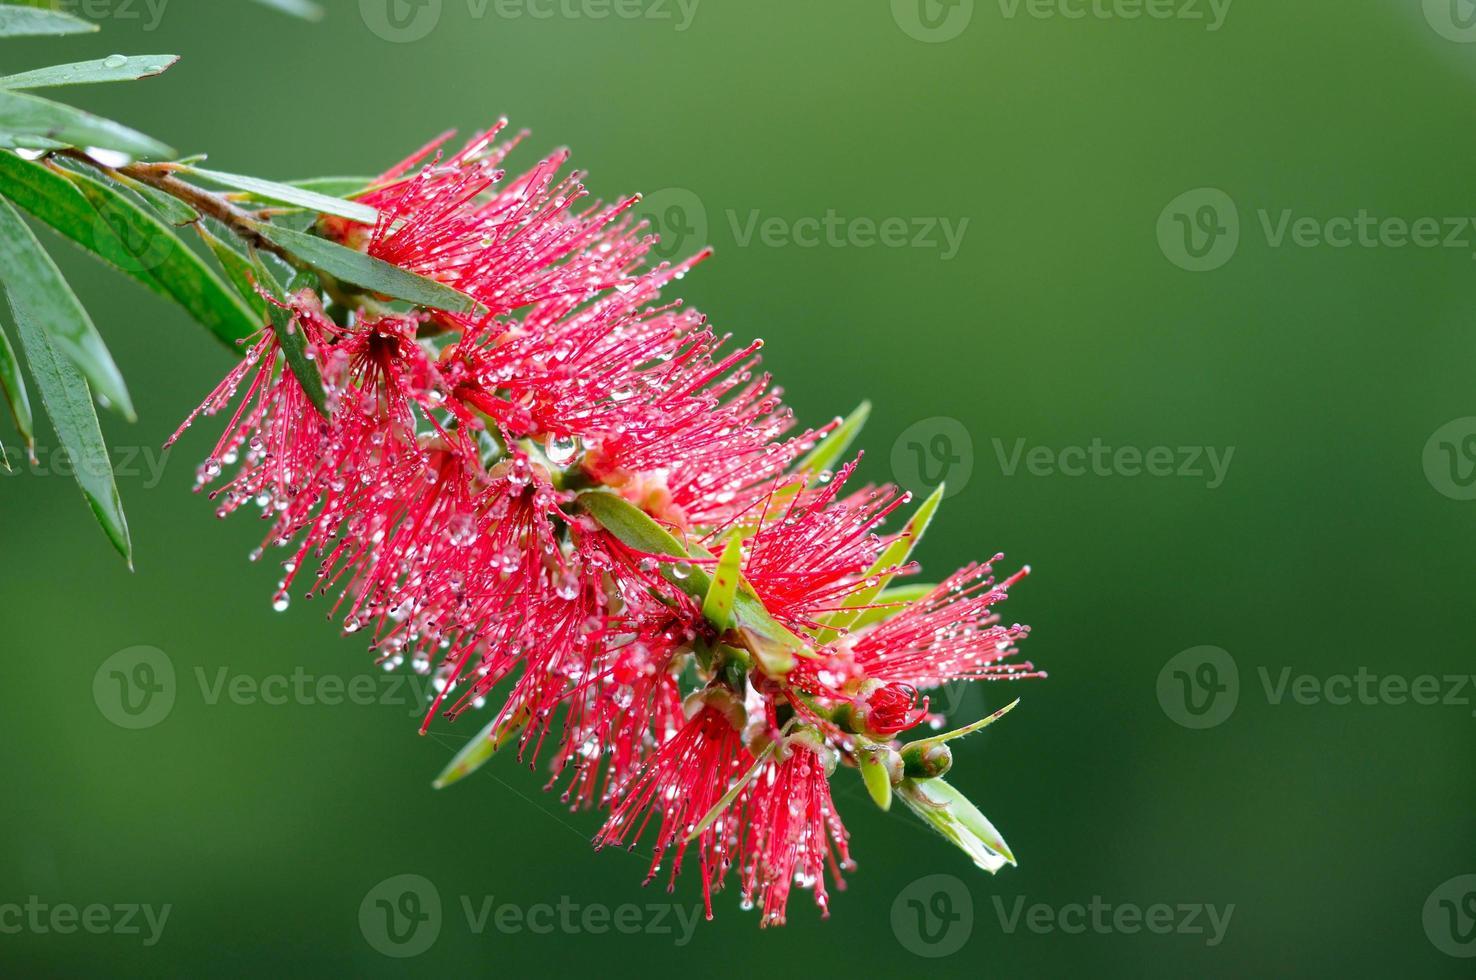 Red bottle-brush tree (Callistemon) flower after rain photo